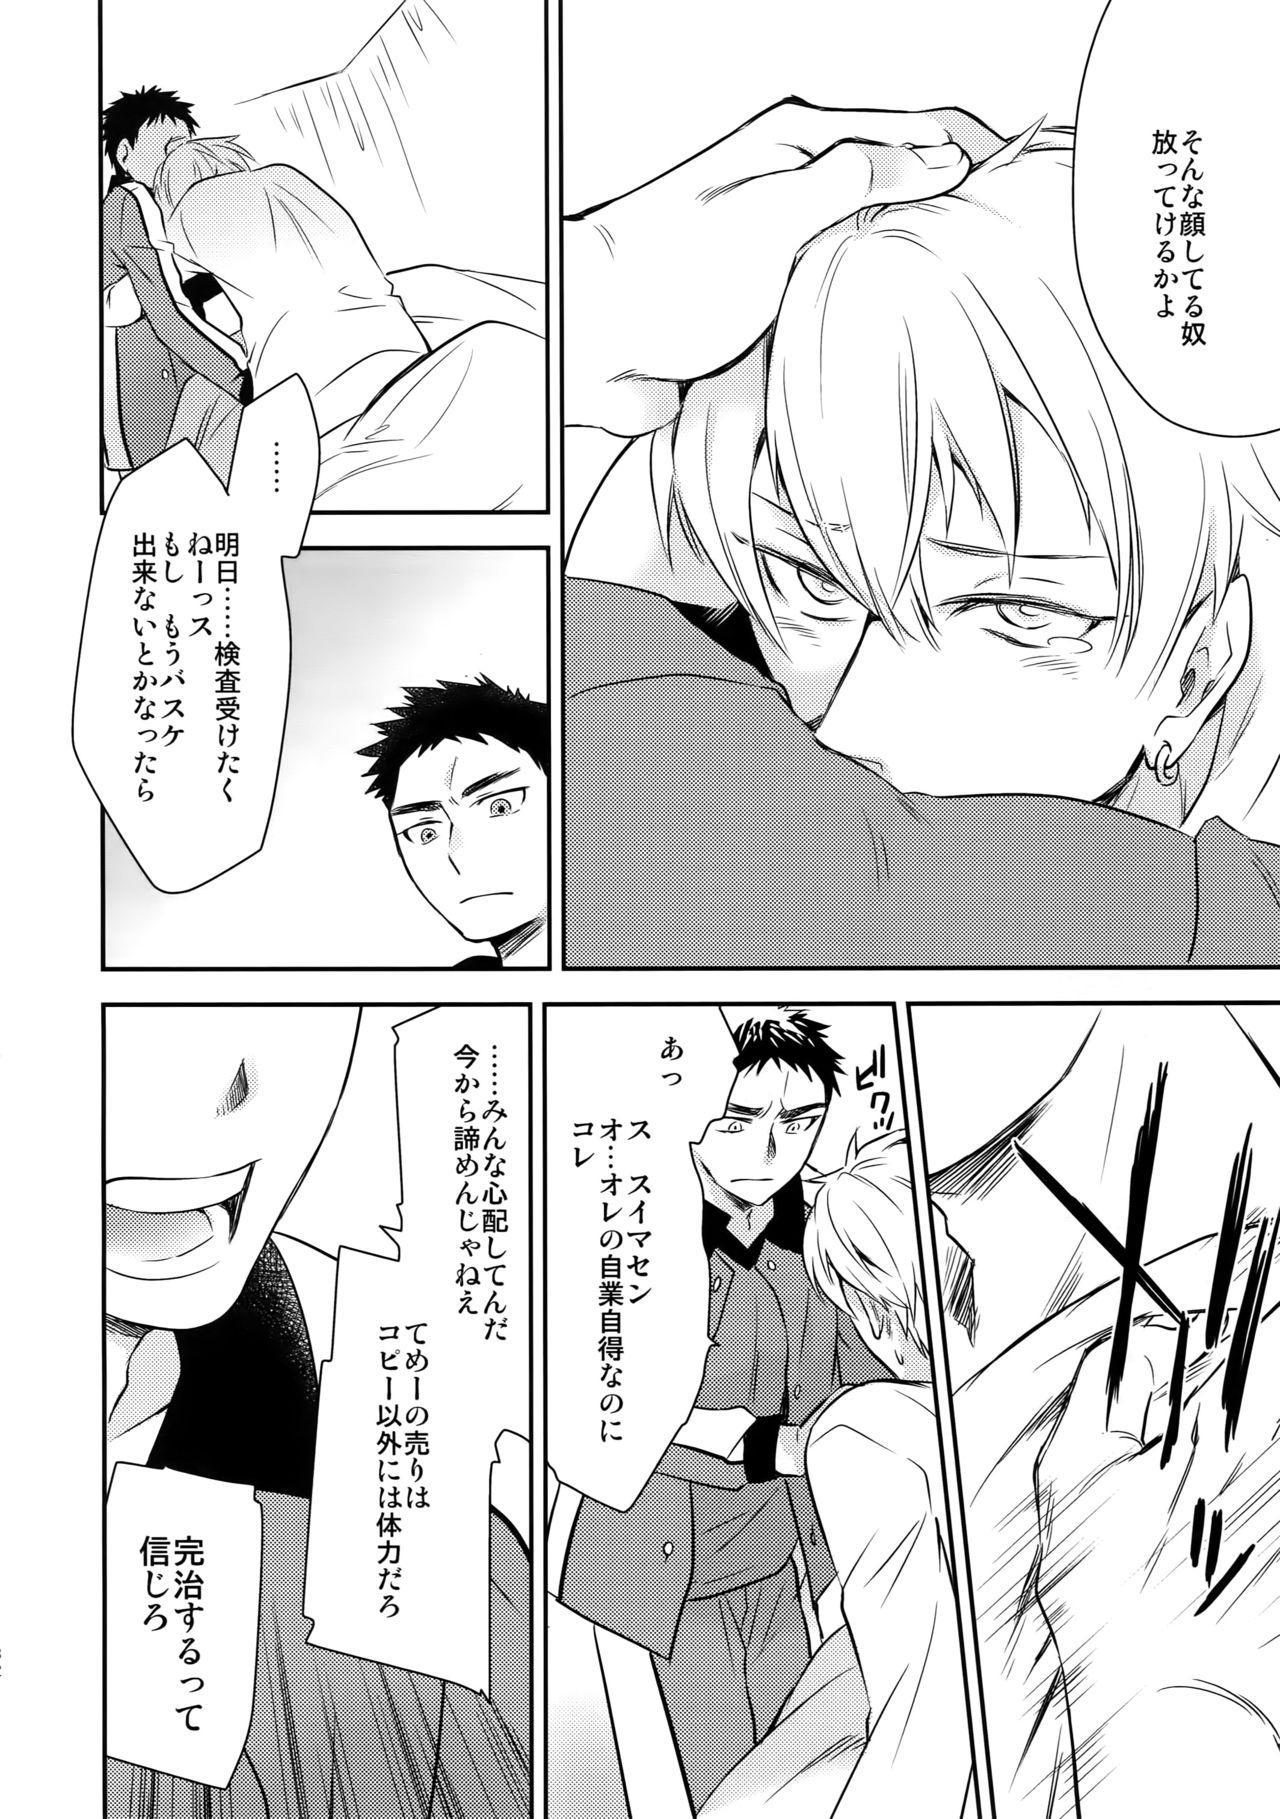 [Bakuchi Jinsei SP (Satsuki Fumi)] Kanpeki Kareshi to Zettai Ryouiki Ouji-sama - Another Version - (Kuroko no Basket) 130